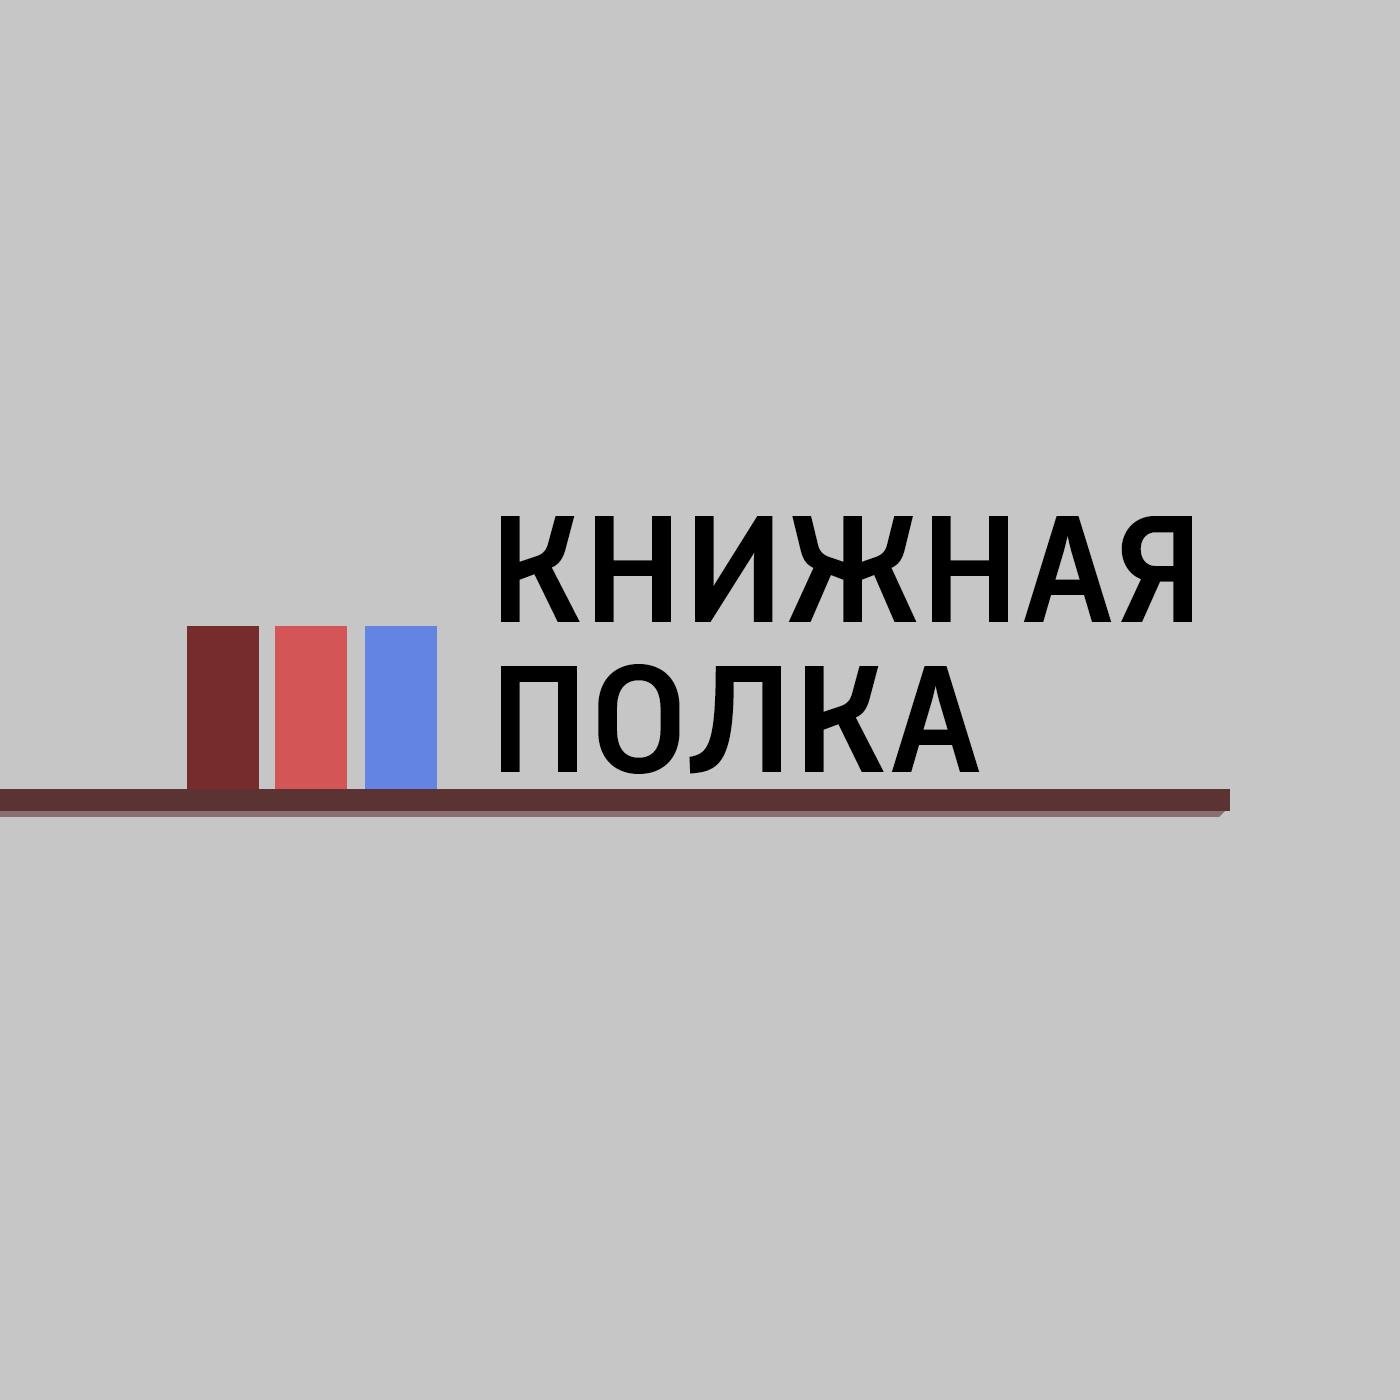 купить Маргарита Митрофанова Книжные новинки издательства МИФ: